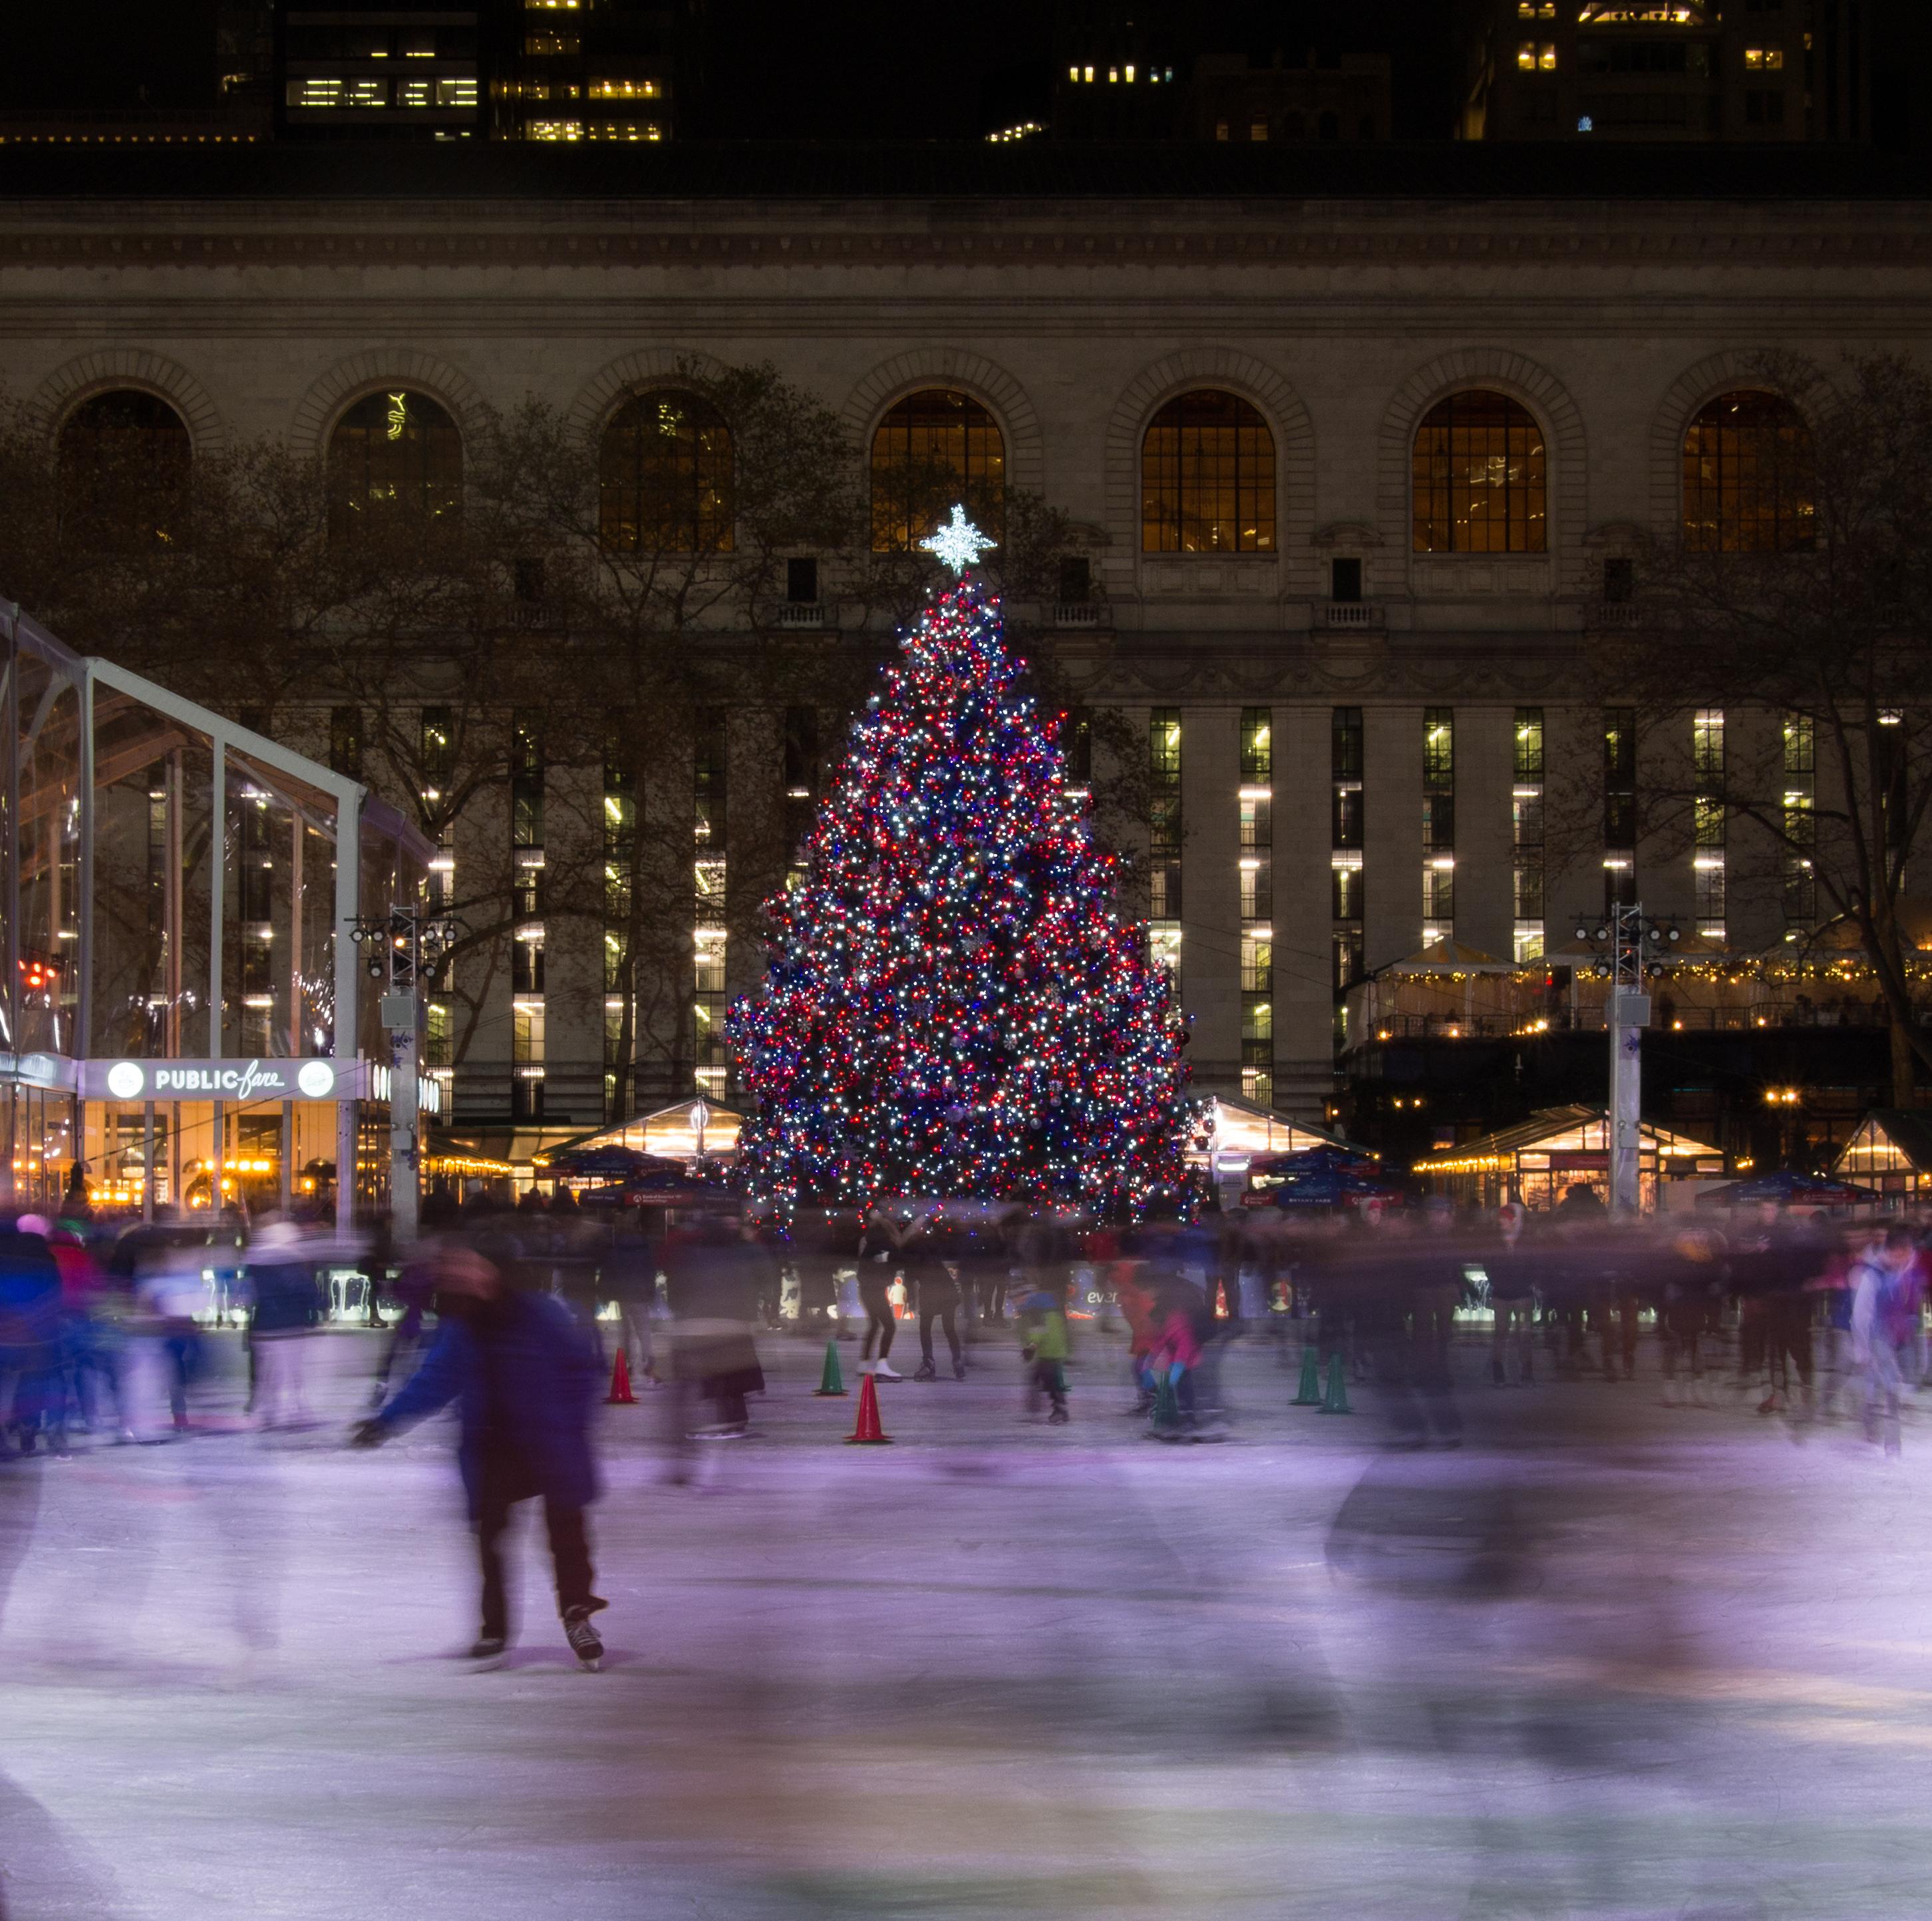 Bryant Park Christmas.E Bryant Park Christmas Tree Li Meta Morphoz